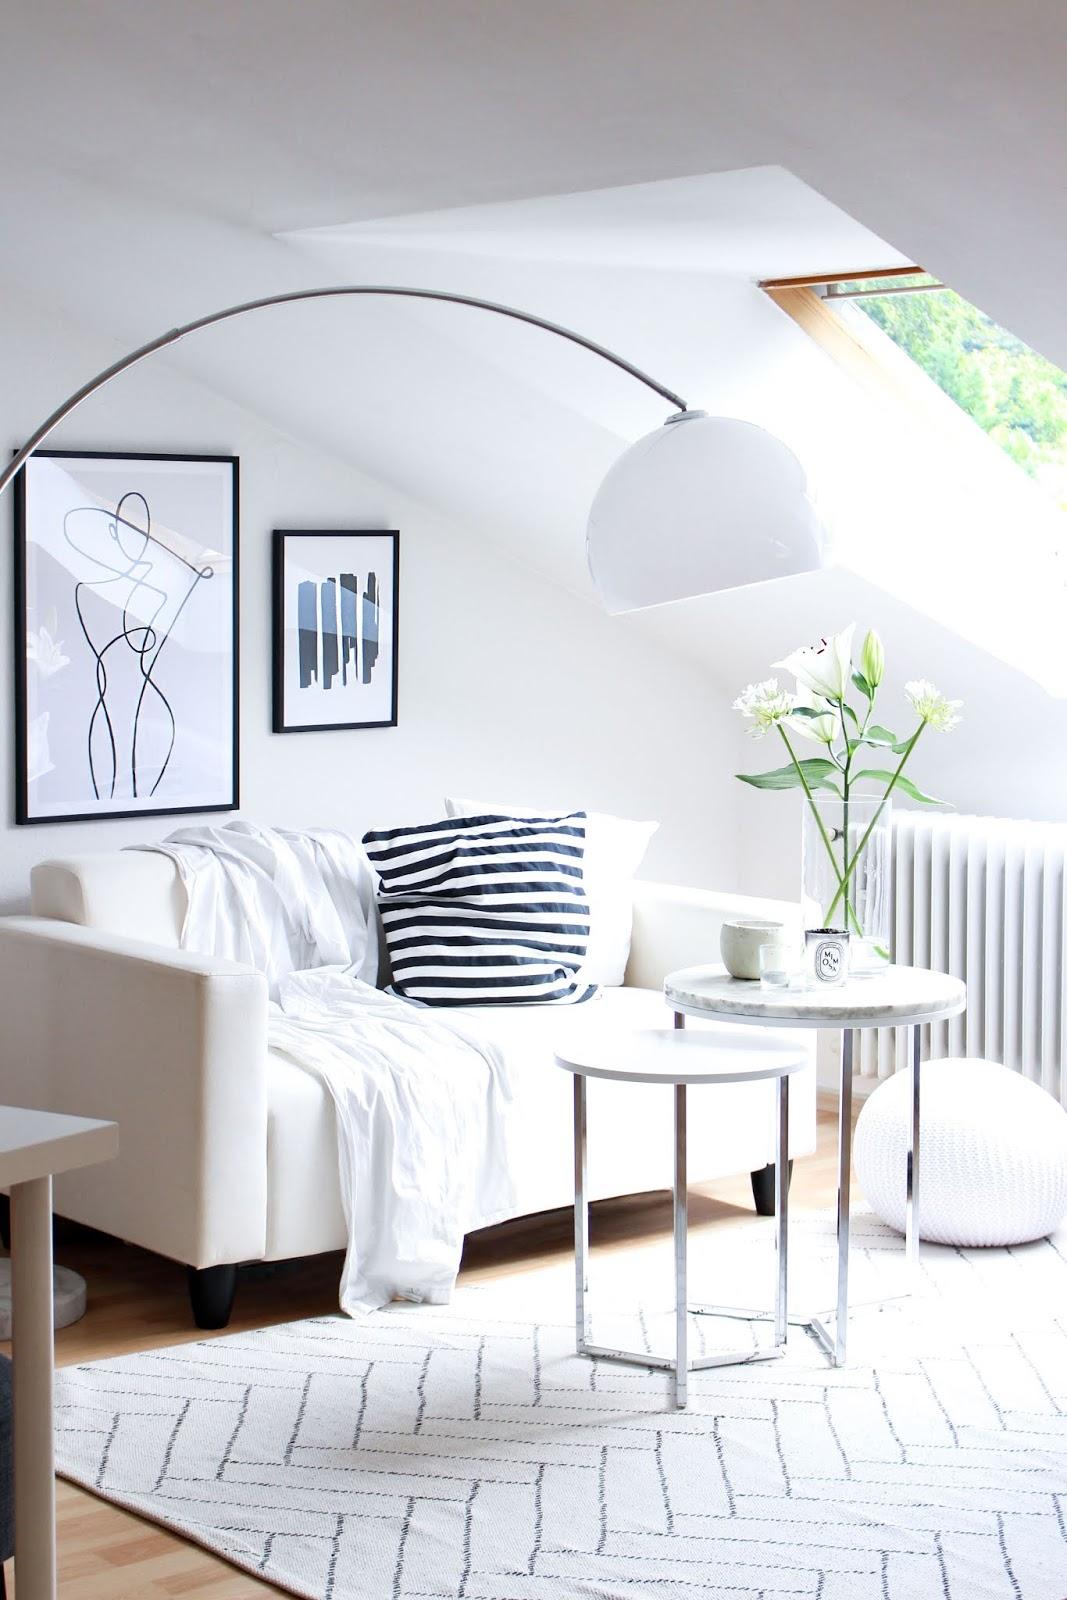 Interior | One-Line-Drawings und schwarz-weiß Prints von Desenio | www.scandiinspiration.com